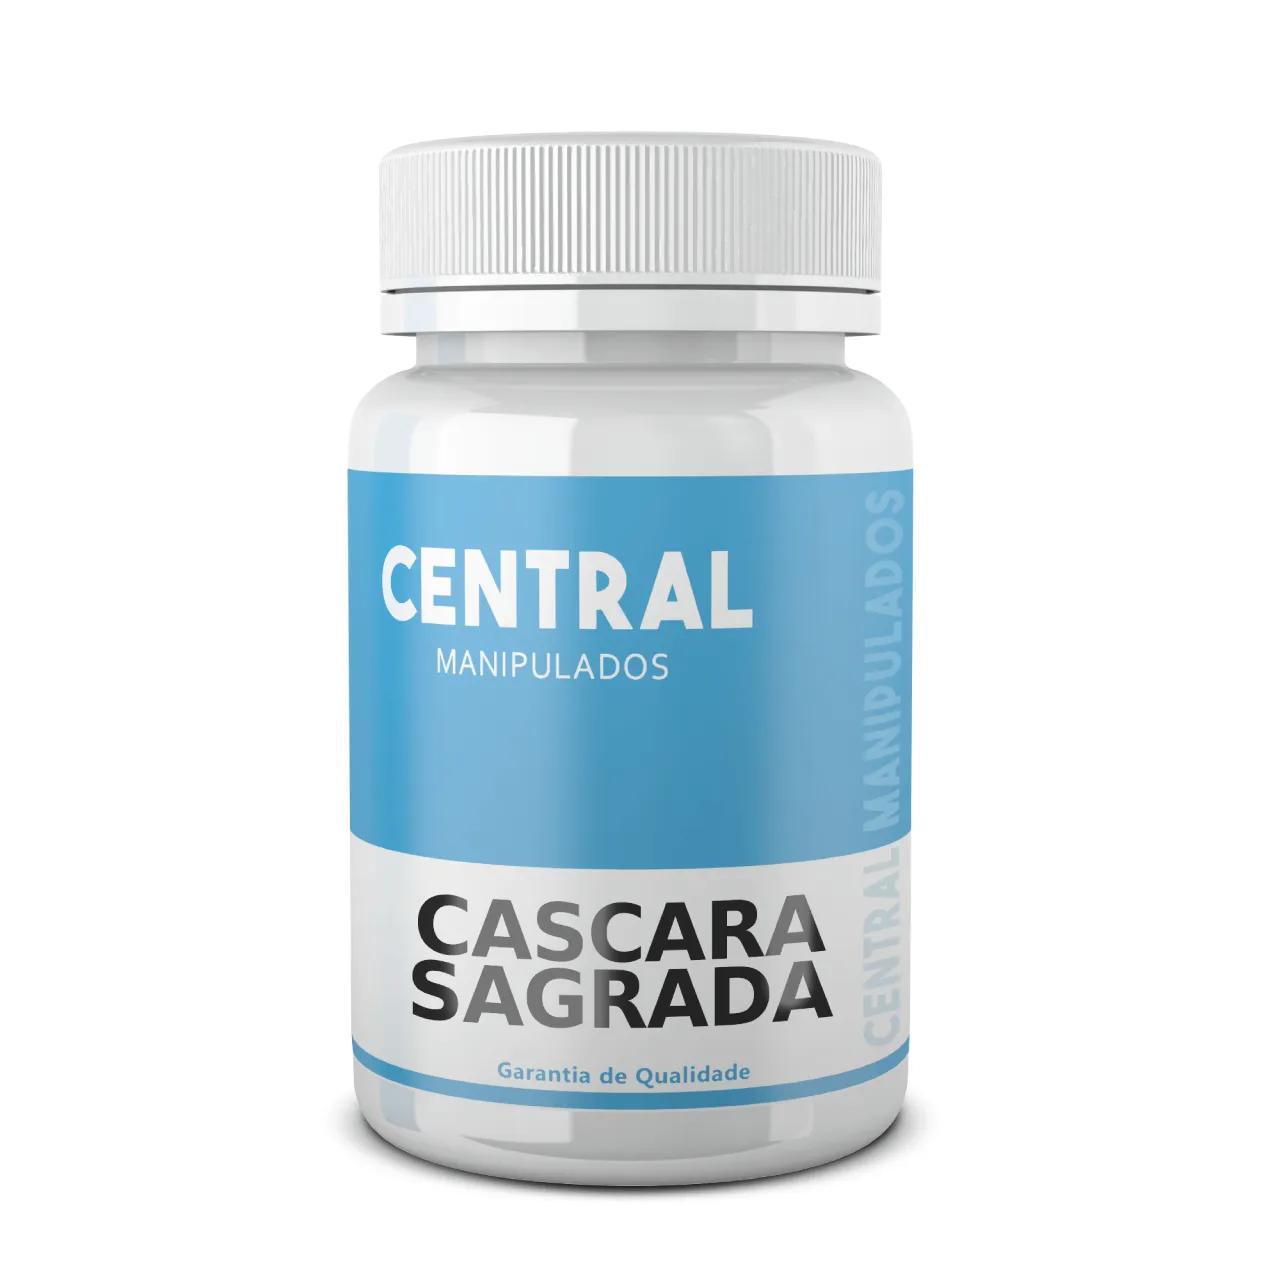 Cascara Sagrada 75mg - 60 cápsulas - Previne constipação intestinal, Laxativo